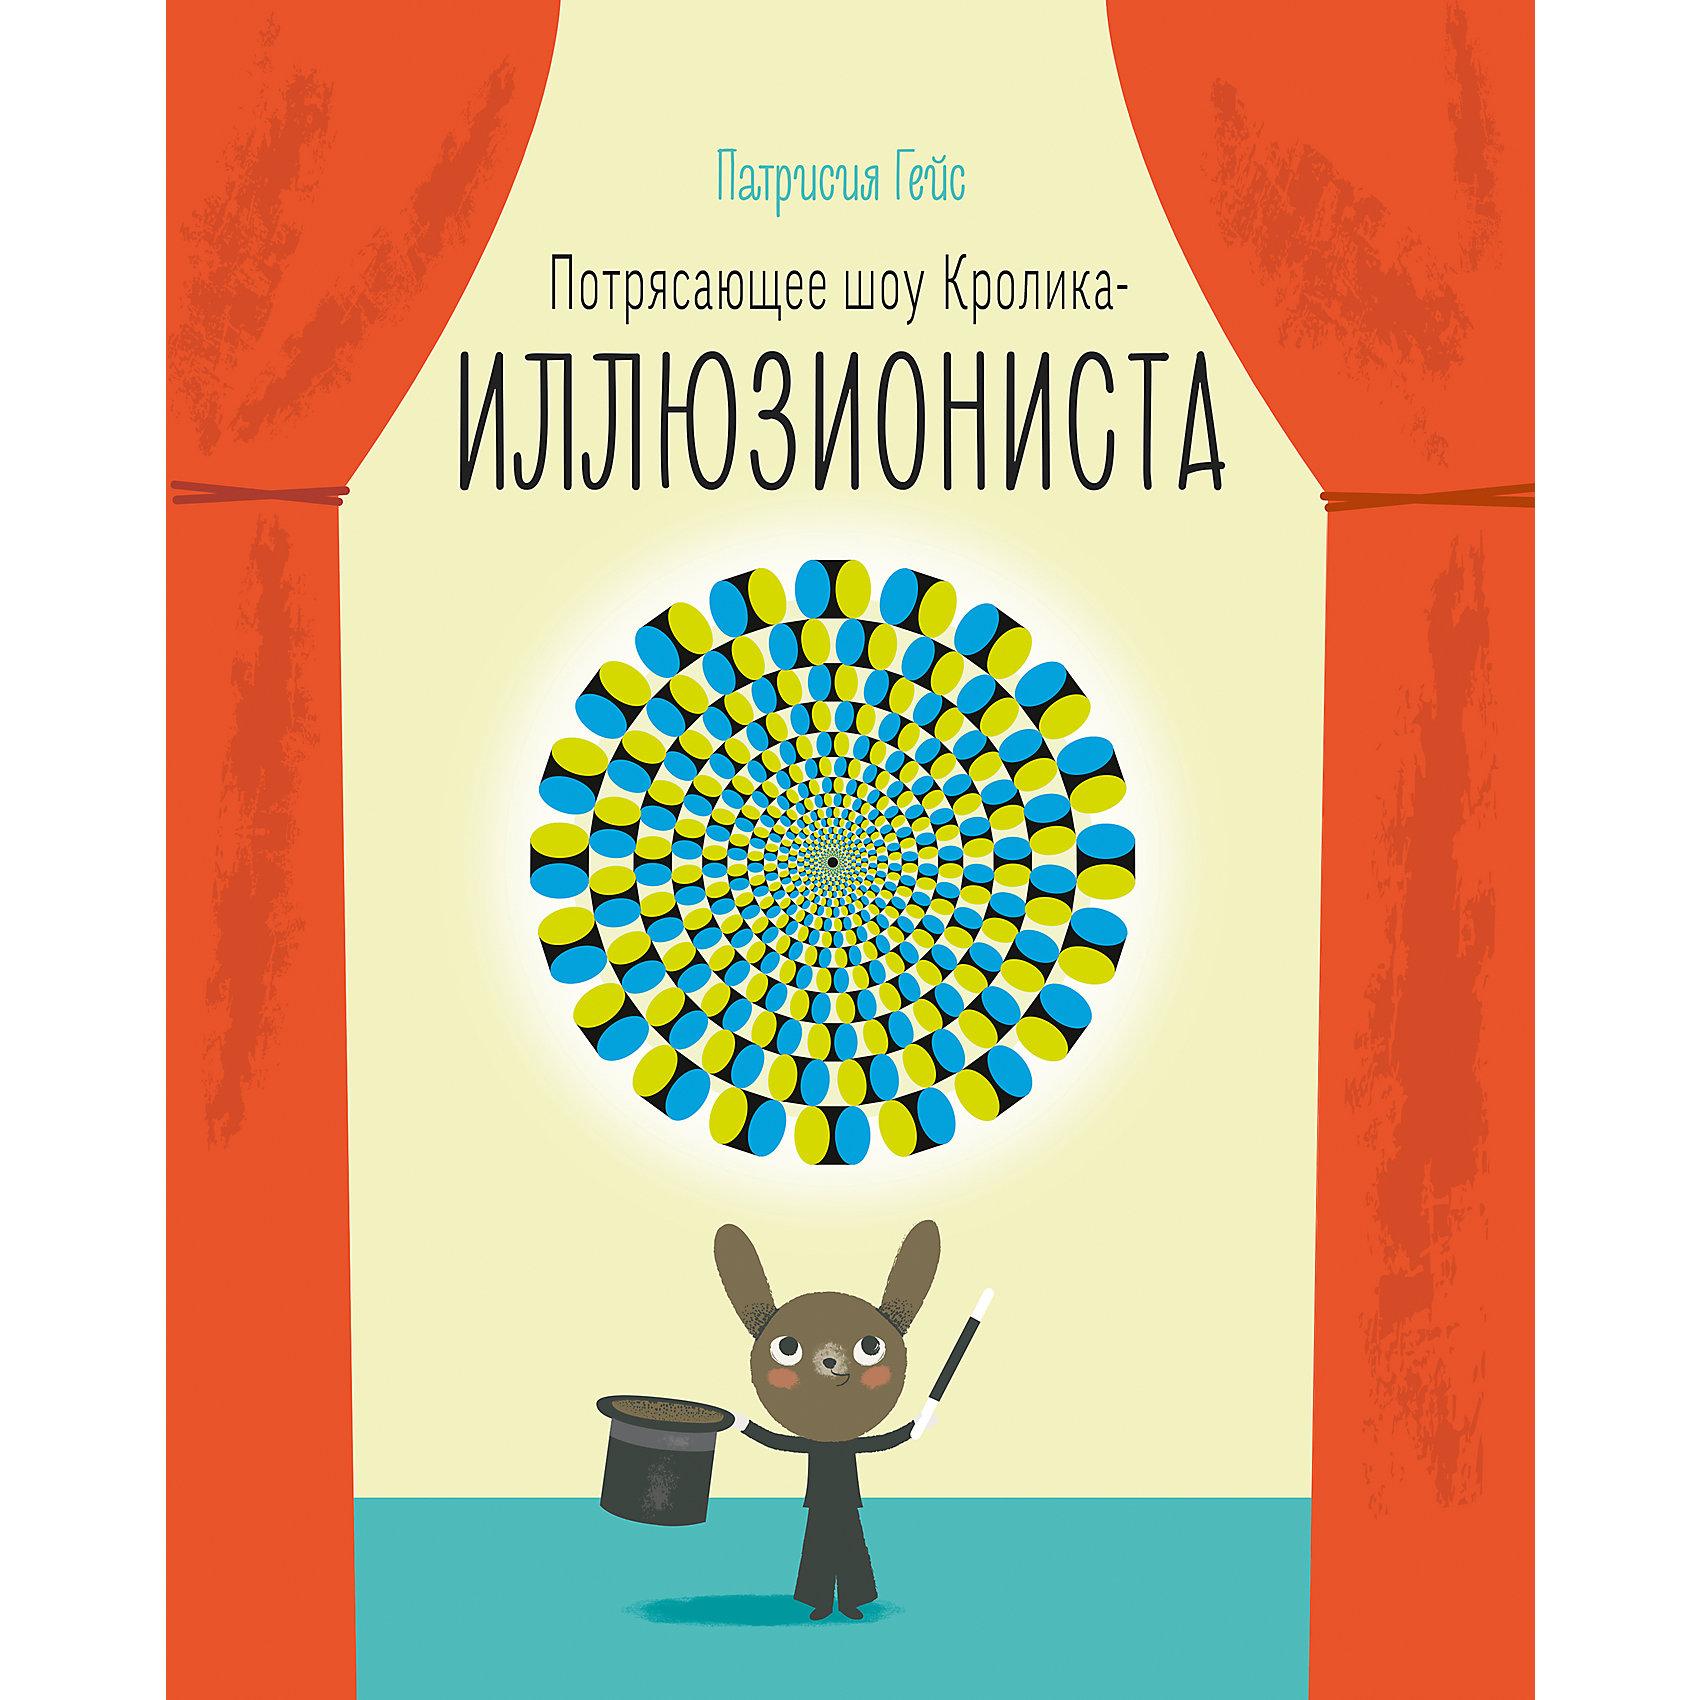 Потрясающее шоу кролика-иллюзионистаПодготовка к школе<br>Характеристики товара: <br><br>• ISBN: 9785001001775<br>• возраст от: 4 лет<br>• формат: 60x90/8<br>• бумага: офсет<br>• обложка: твердая<br>• издательство: Манн, Иванов и Фербер<br>• иллюстрации: цветные<br>• автор: Гейс Патриция<br>• переводчик: Васильева Анна<br>• количество страниц: 32<br>• размеры: 22x29 см<br><br>Издание «Потрясающее шоу кролика-иллюзиониста» - это книга для детей, которая содержит более двадцати оптических иллюзий.<br><br>Чтобы их увидеть, нужно только внимательно глядеть на картинки. Книга создает иллюзию, будто читатель смотрит представление. Такие издания с детства прививают ребенку любовь к чтению. <br><br>Книгу «Потрясающее шоу кролика-иллюзиониста» можно купить в нашем интернет-магазине.<br><br>Ширина мм: 281<br>Глубина мм: 229<br>Высота мм: 80<br>Вес г: 398<br>Возраст от месяцев: 60<br>Возраст до месяцев: 2147483647<br>Пол: Унисекс<br>Возраст: Детский<br>SKU: 5535304